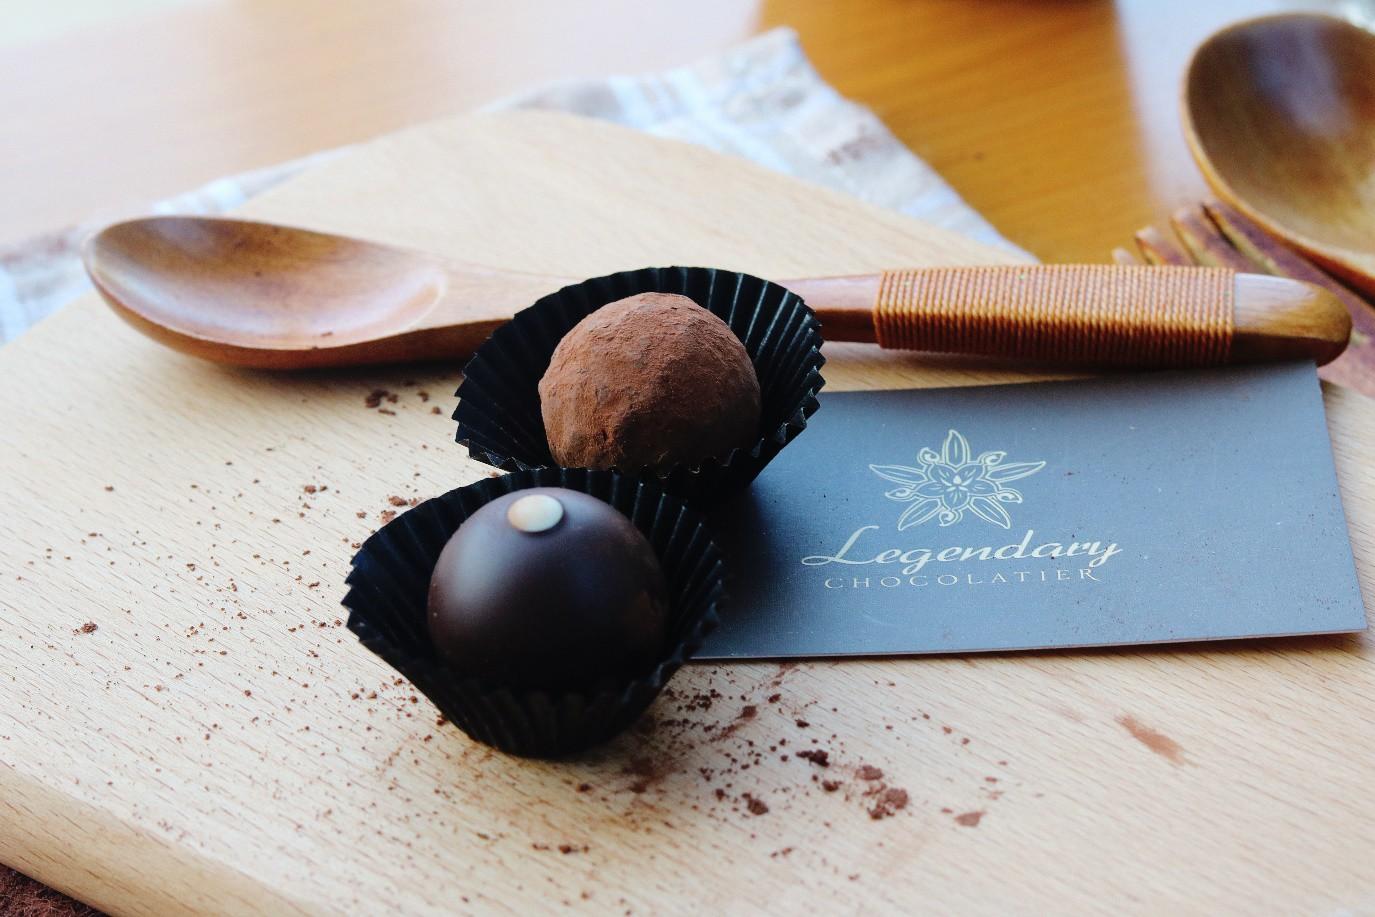 Tặng nhau chocolate ngày Valentine, đừng quên ý nghĩa vì sao nó lại là đại sứ hoàn hảo cho lời tỏ tình của bạn - Ảnh 1.